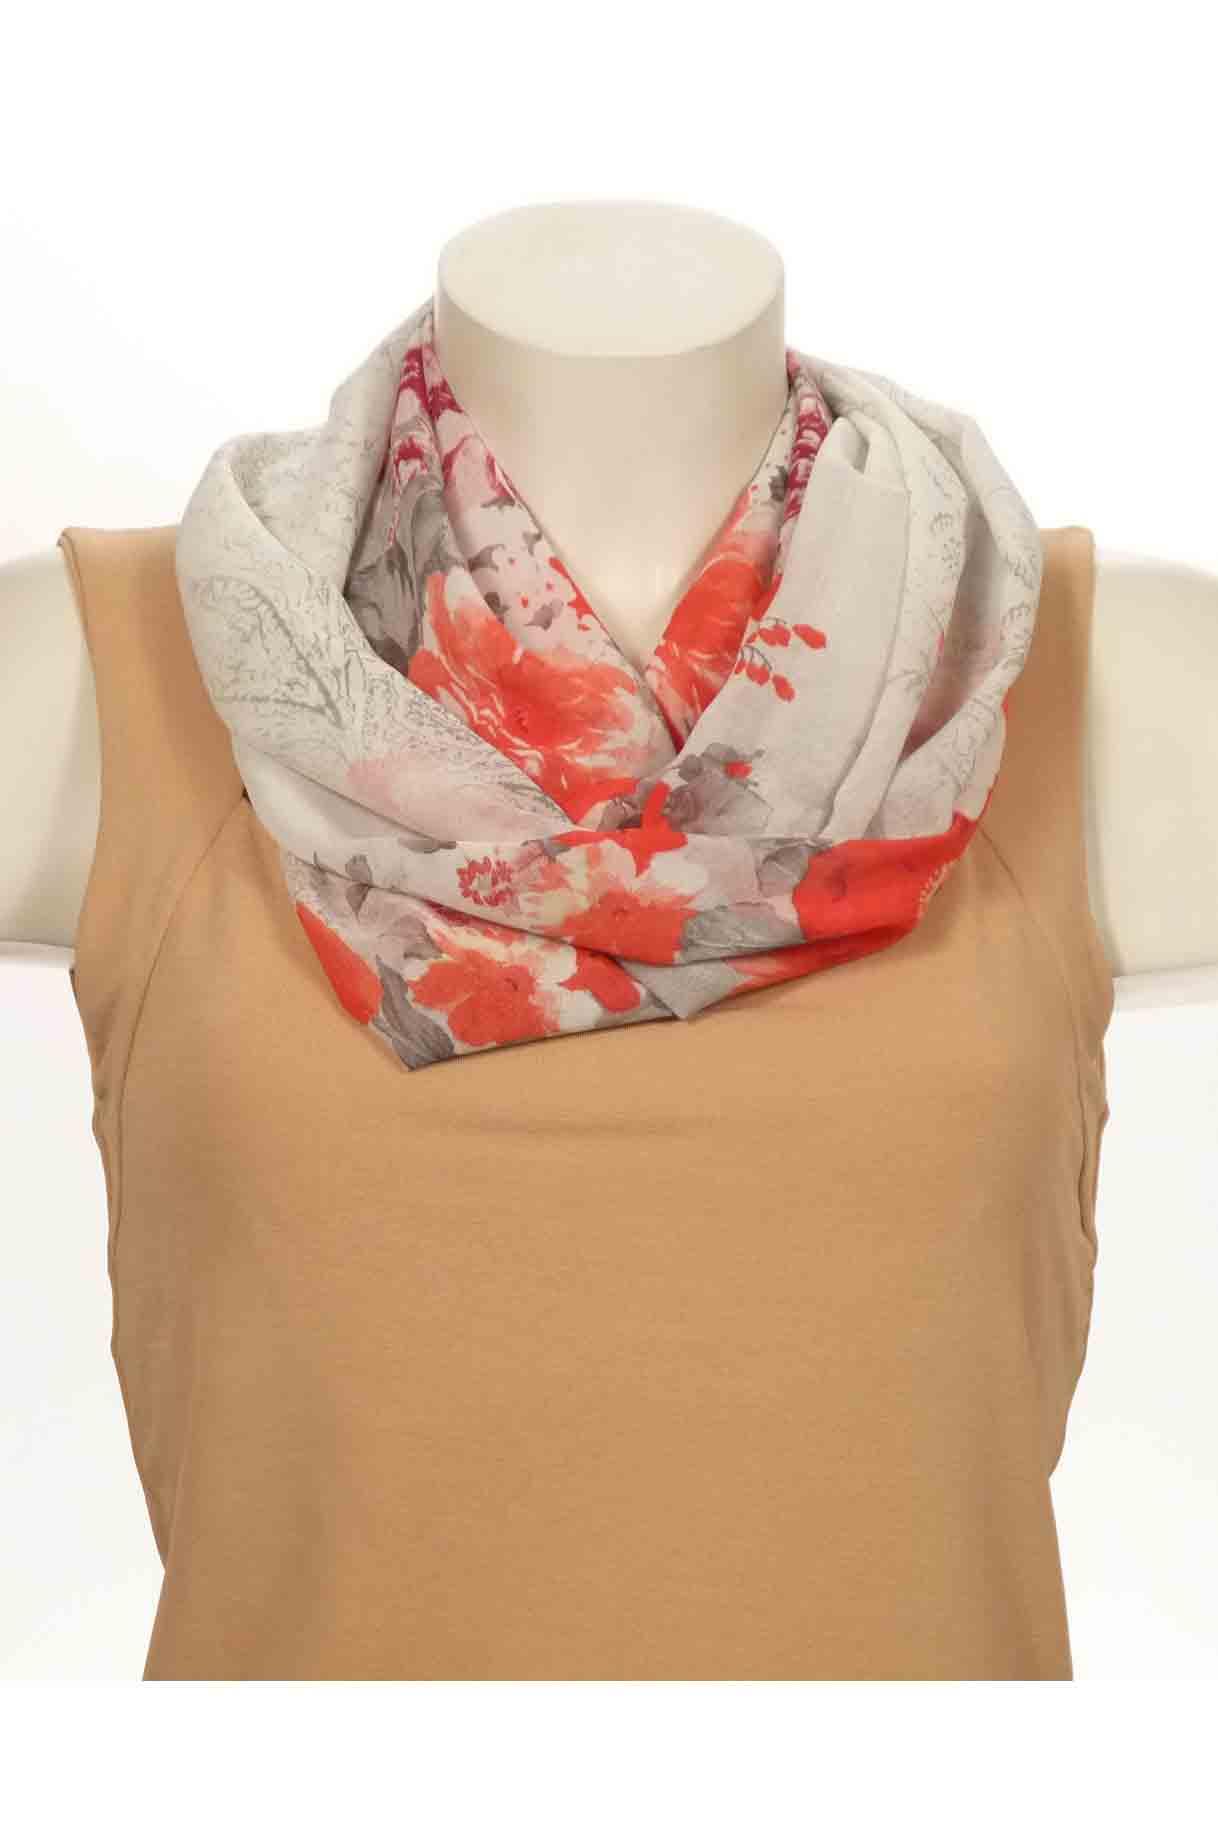 Шарф-дуэтШарфы<br>Шарф - дуэт это тандем шарфа и муфты, которая вшита в шарф - трубу. Шарф - труба в сшитом состоянии: длина 140 см, ширина 24 см.  В изделии использованы цвета: белый, серый, красный<br><br>По сезону: Всесезон<br>Размер : UNI<br>Материал: Шифон<br>Количество в наличии: 2